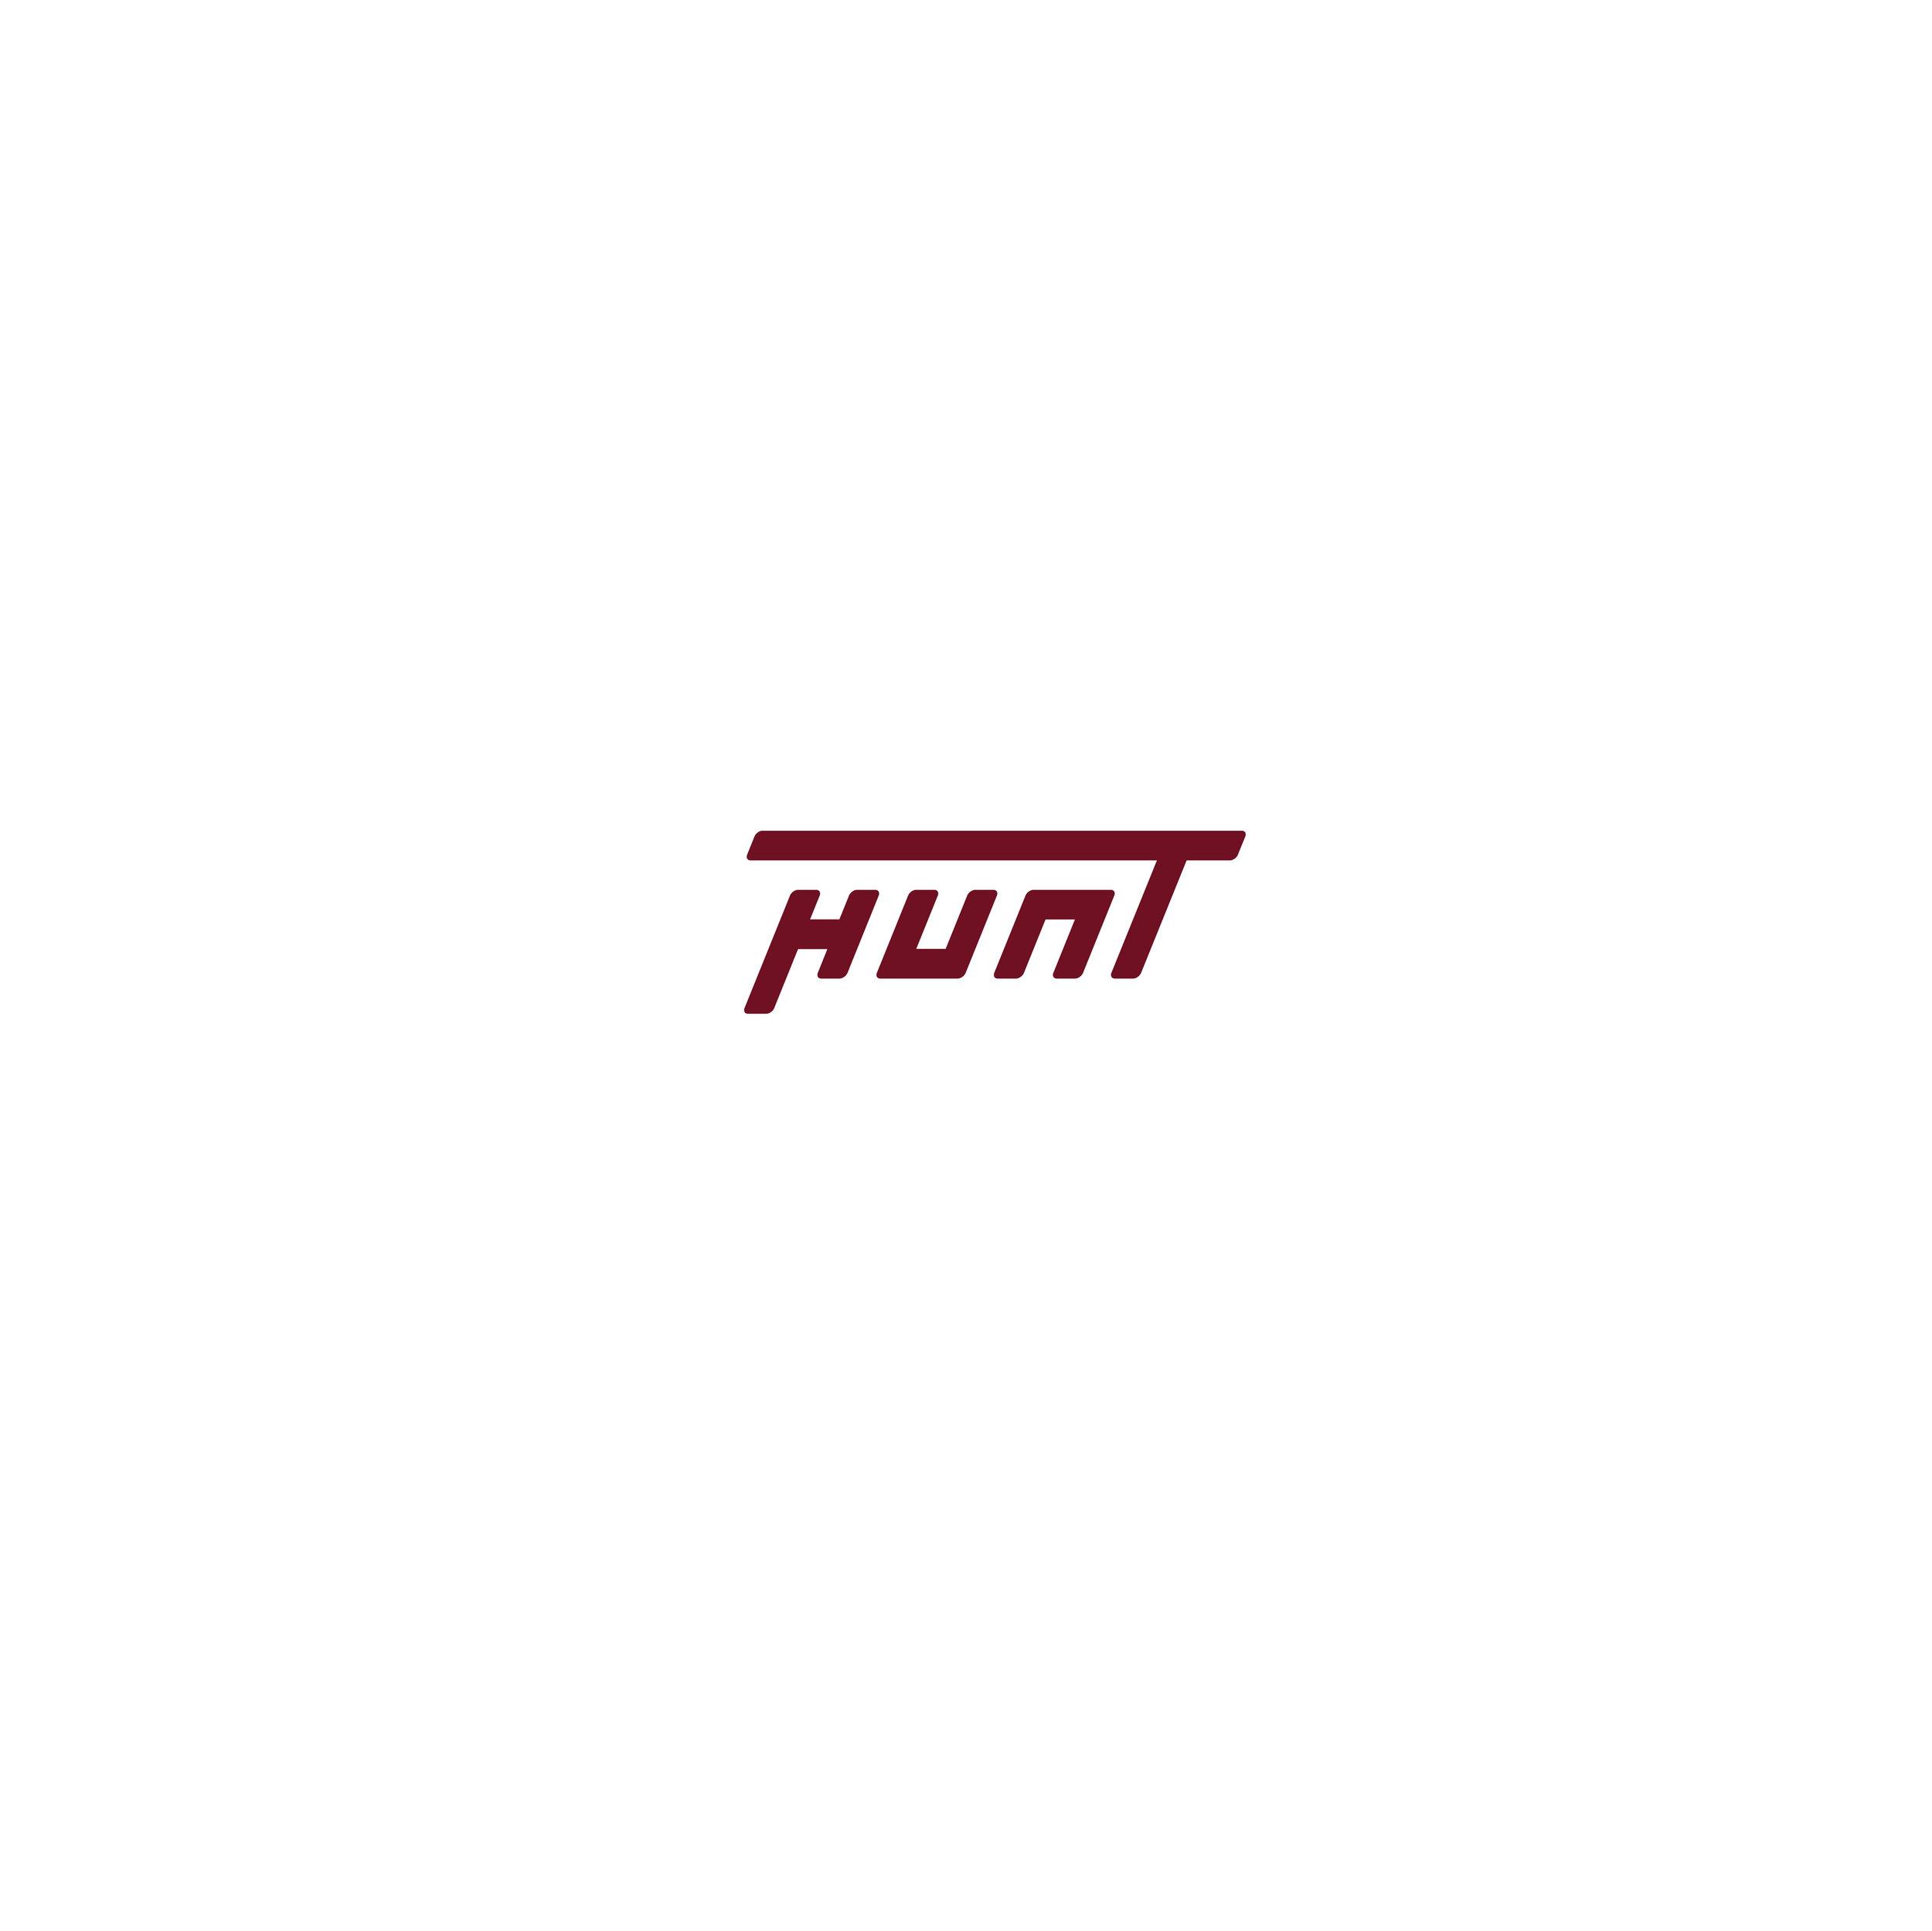 HUNT LOGO DESIGN FINALE-02.jpg